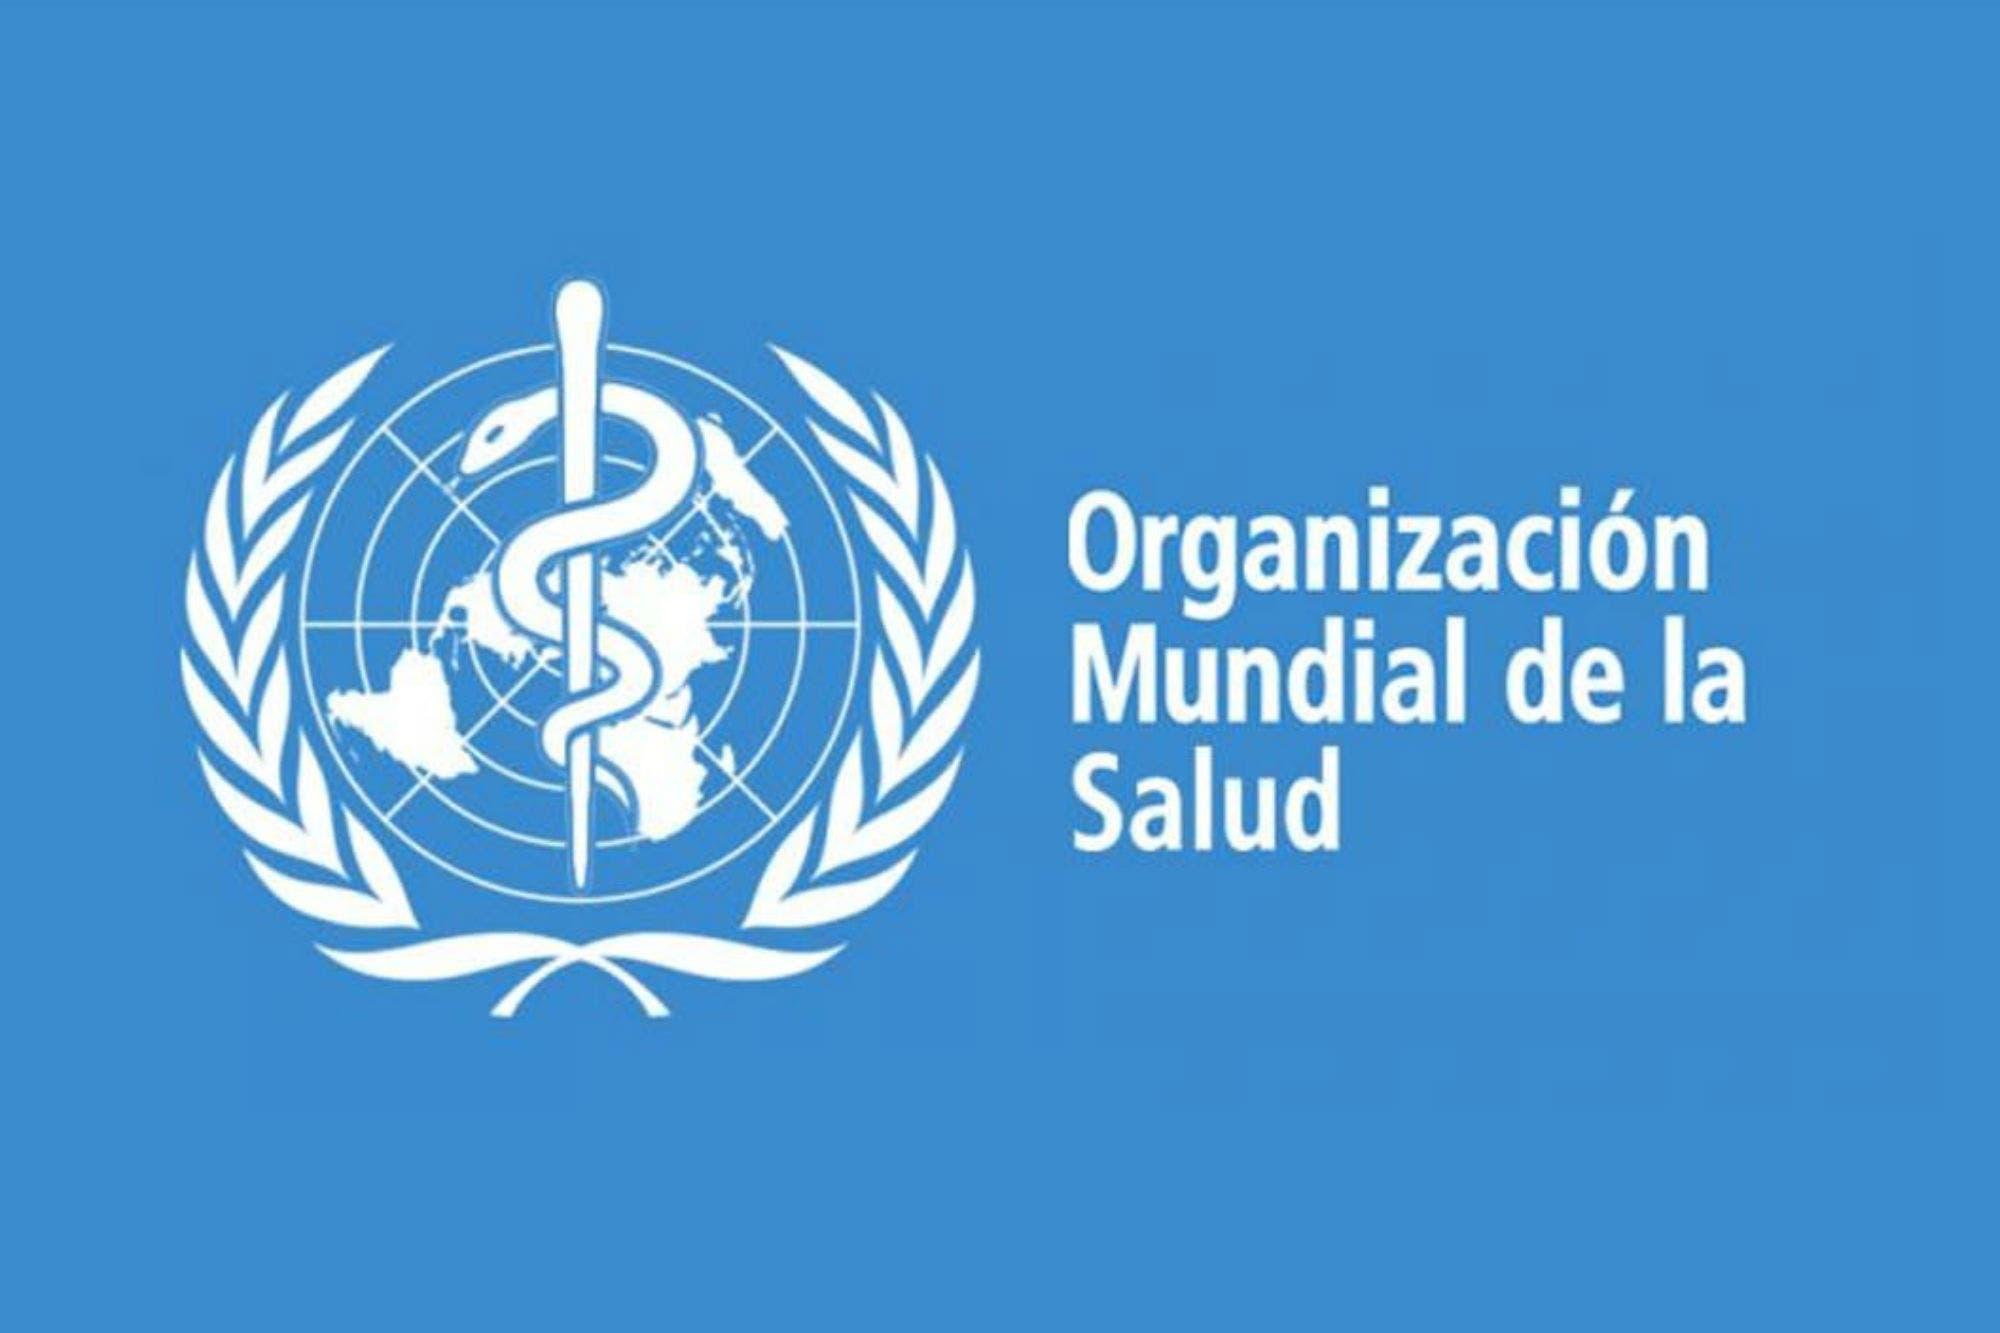 Por qué se celebra hoy el Día Mundial de la Salud? - LA NACION